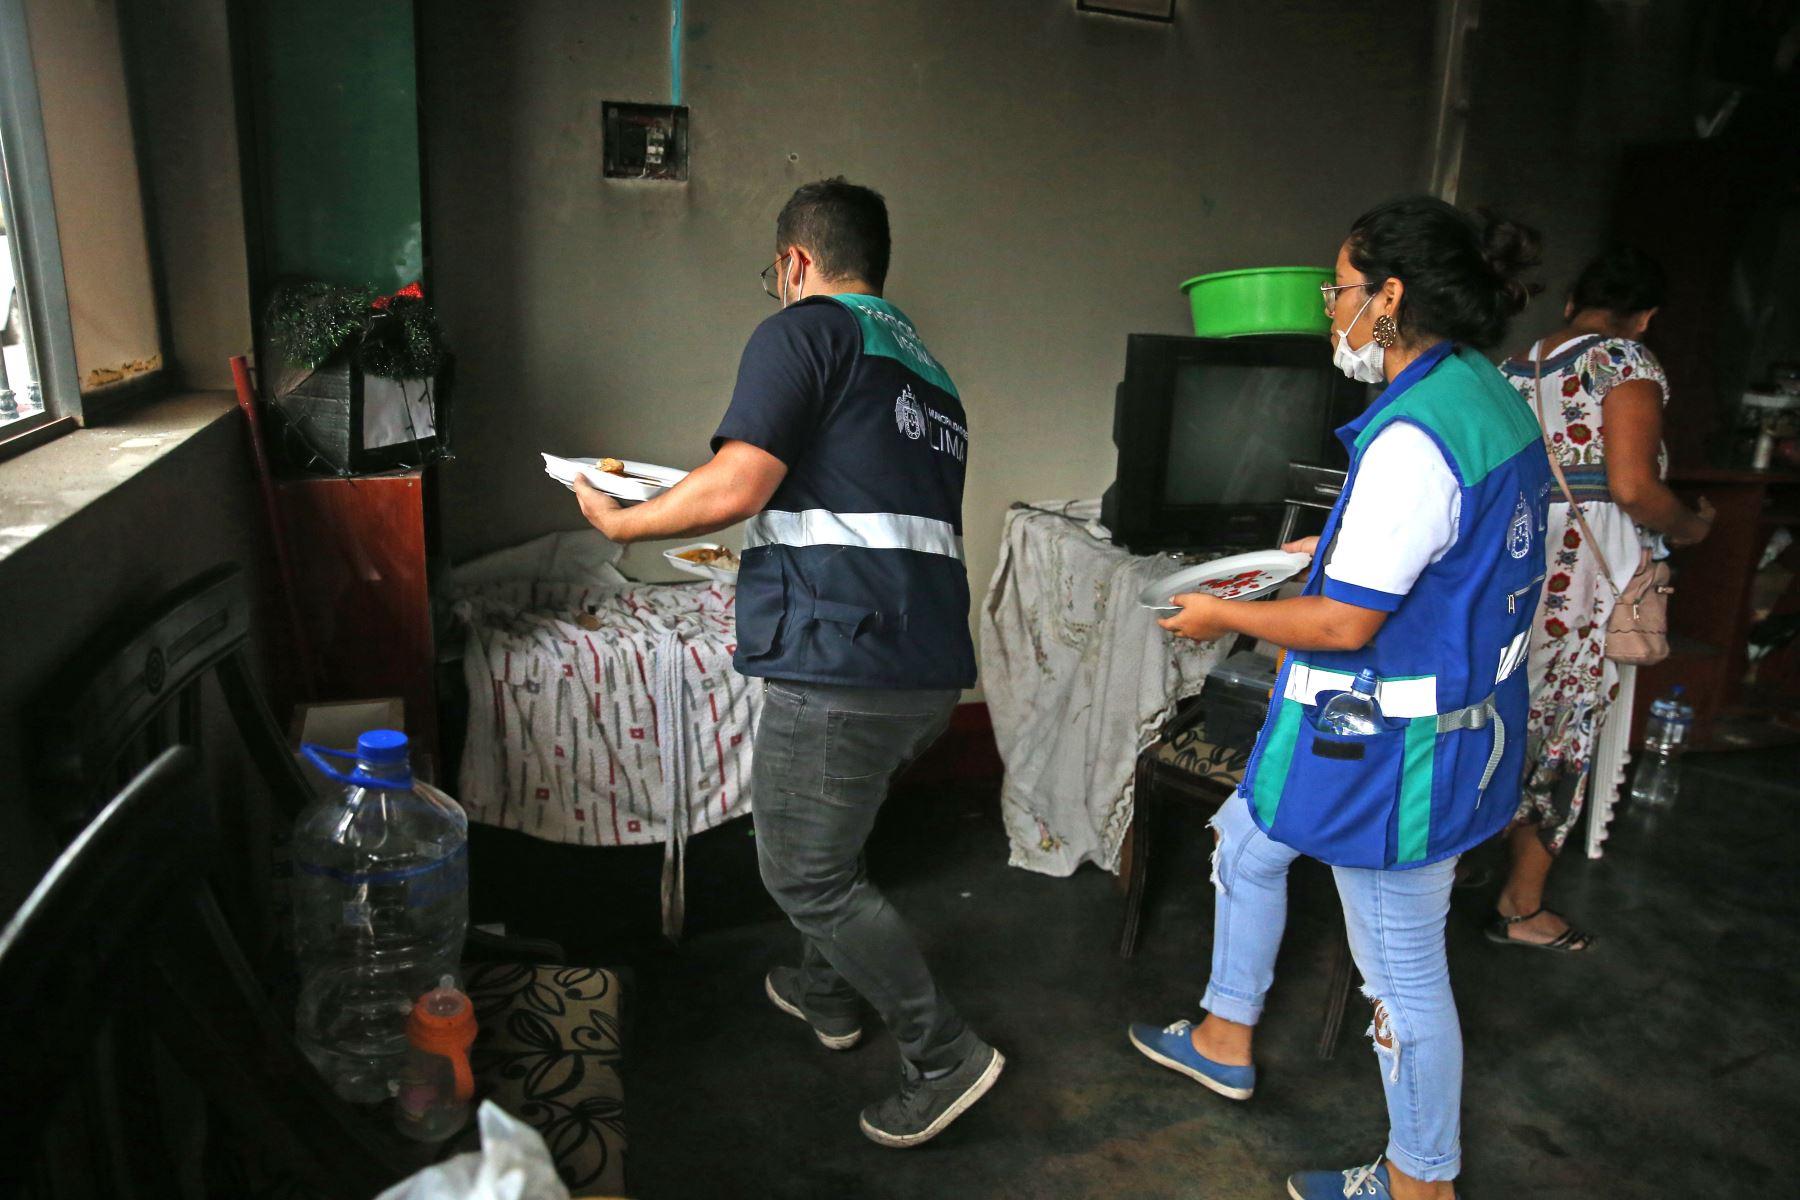 La deflagración ocurrida en Villa el Salvador dejó toda una cuadra con casas dañadas en la calle Villa del Mar. Foto: ANDINA/Vidal Tarqui